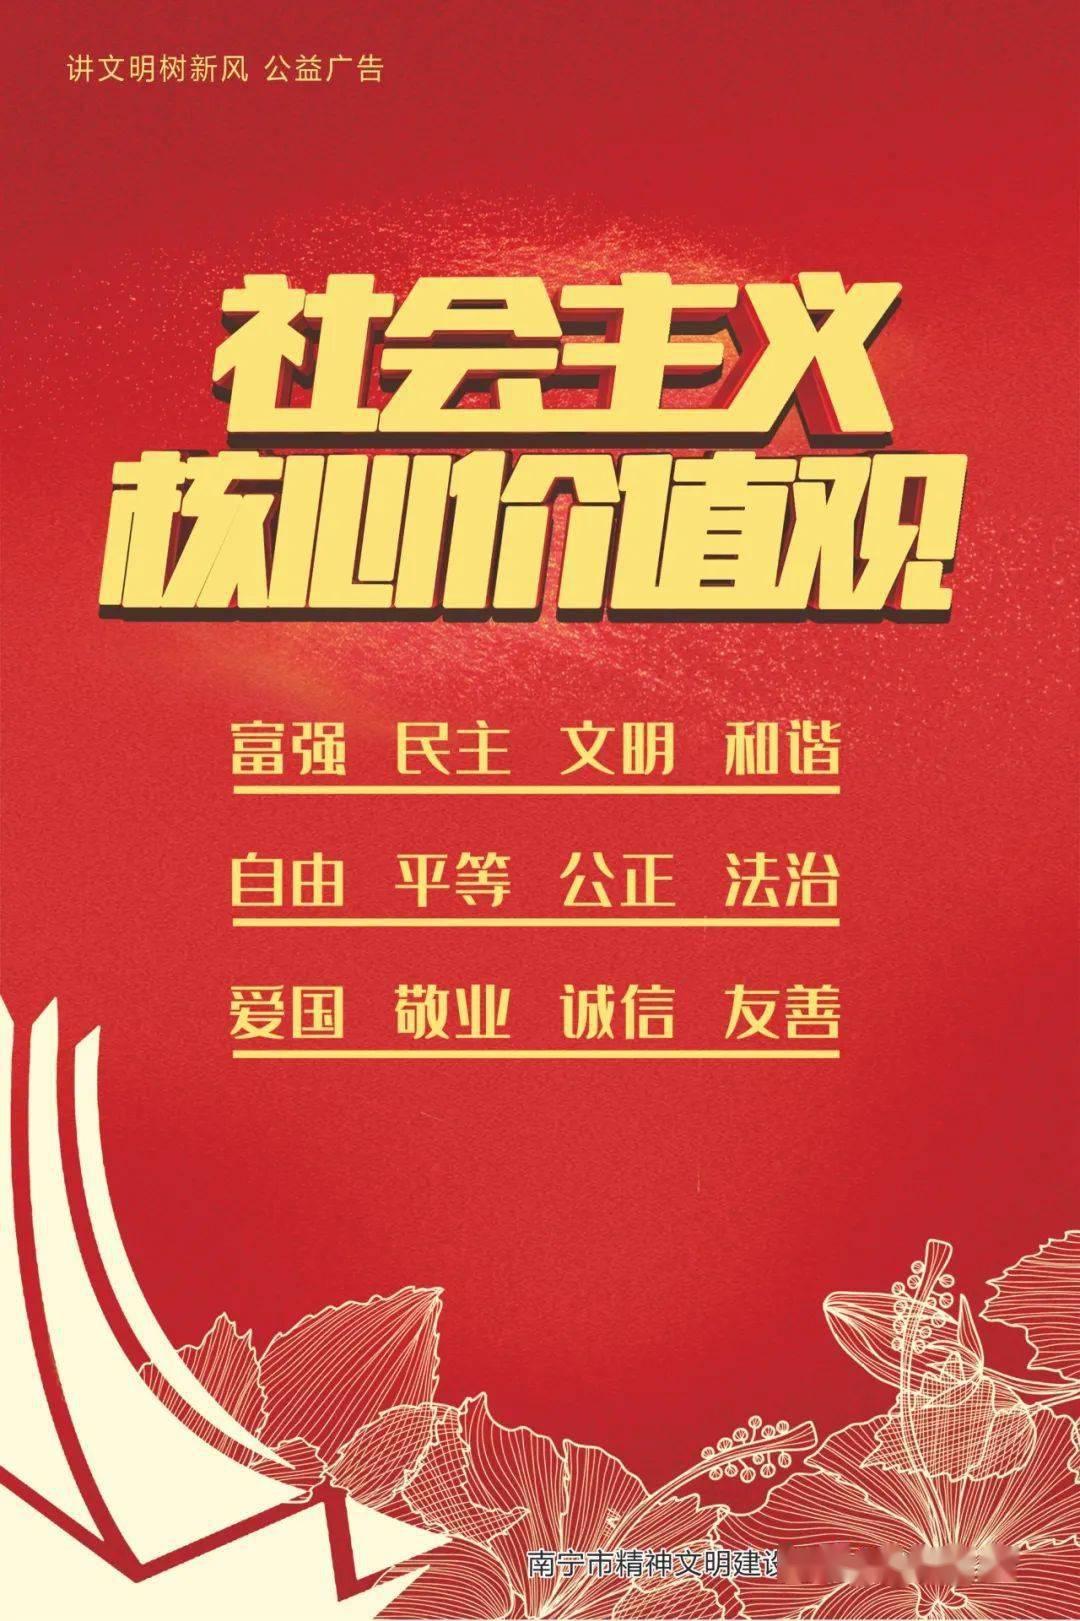 桂林市新华书店有限公司举行办公自动化